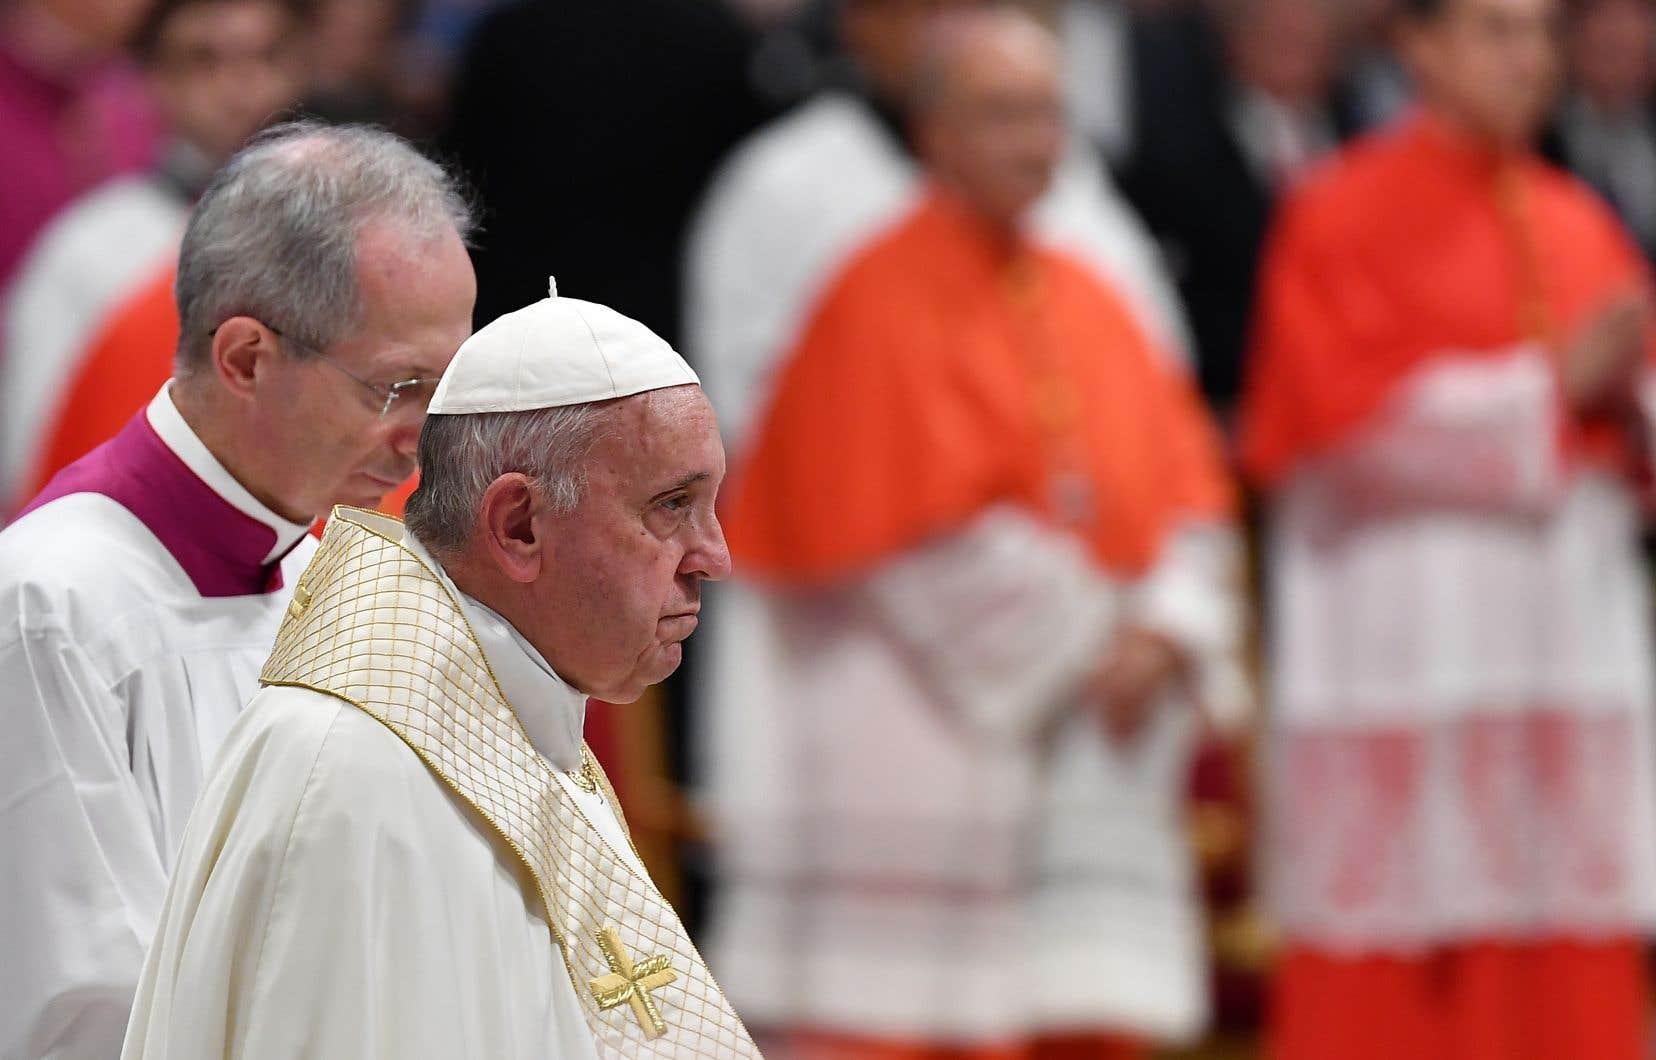 Si les questions socio-économiques et environnementales auront une large place dans les débats, les évêques se pencheront bien évidemment sur des thèmes plus spécifiques à l'Église en manque de prêtres dans cette vaste région isolée qu'est l'Amazonie.